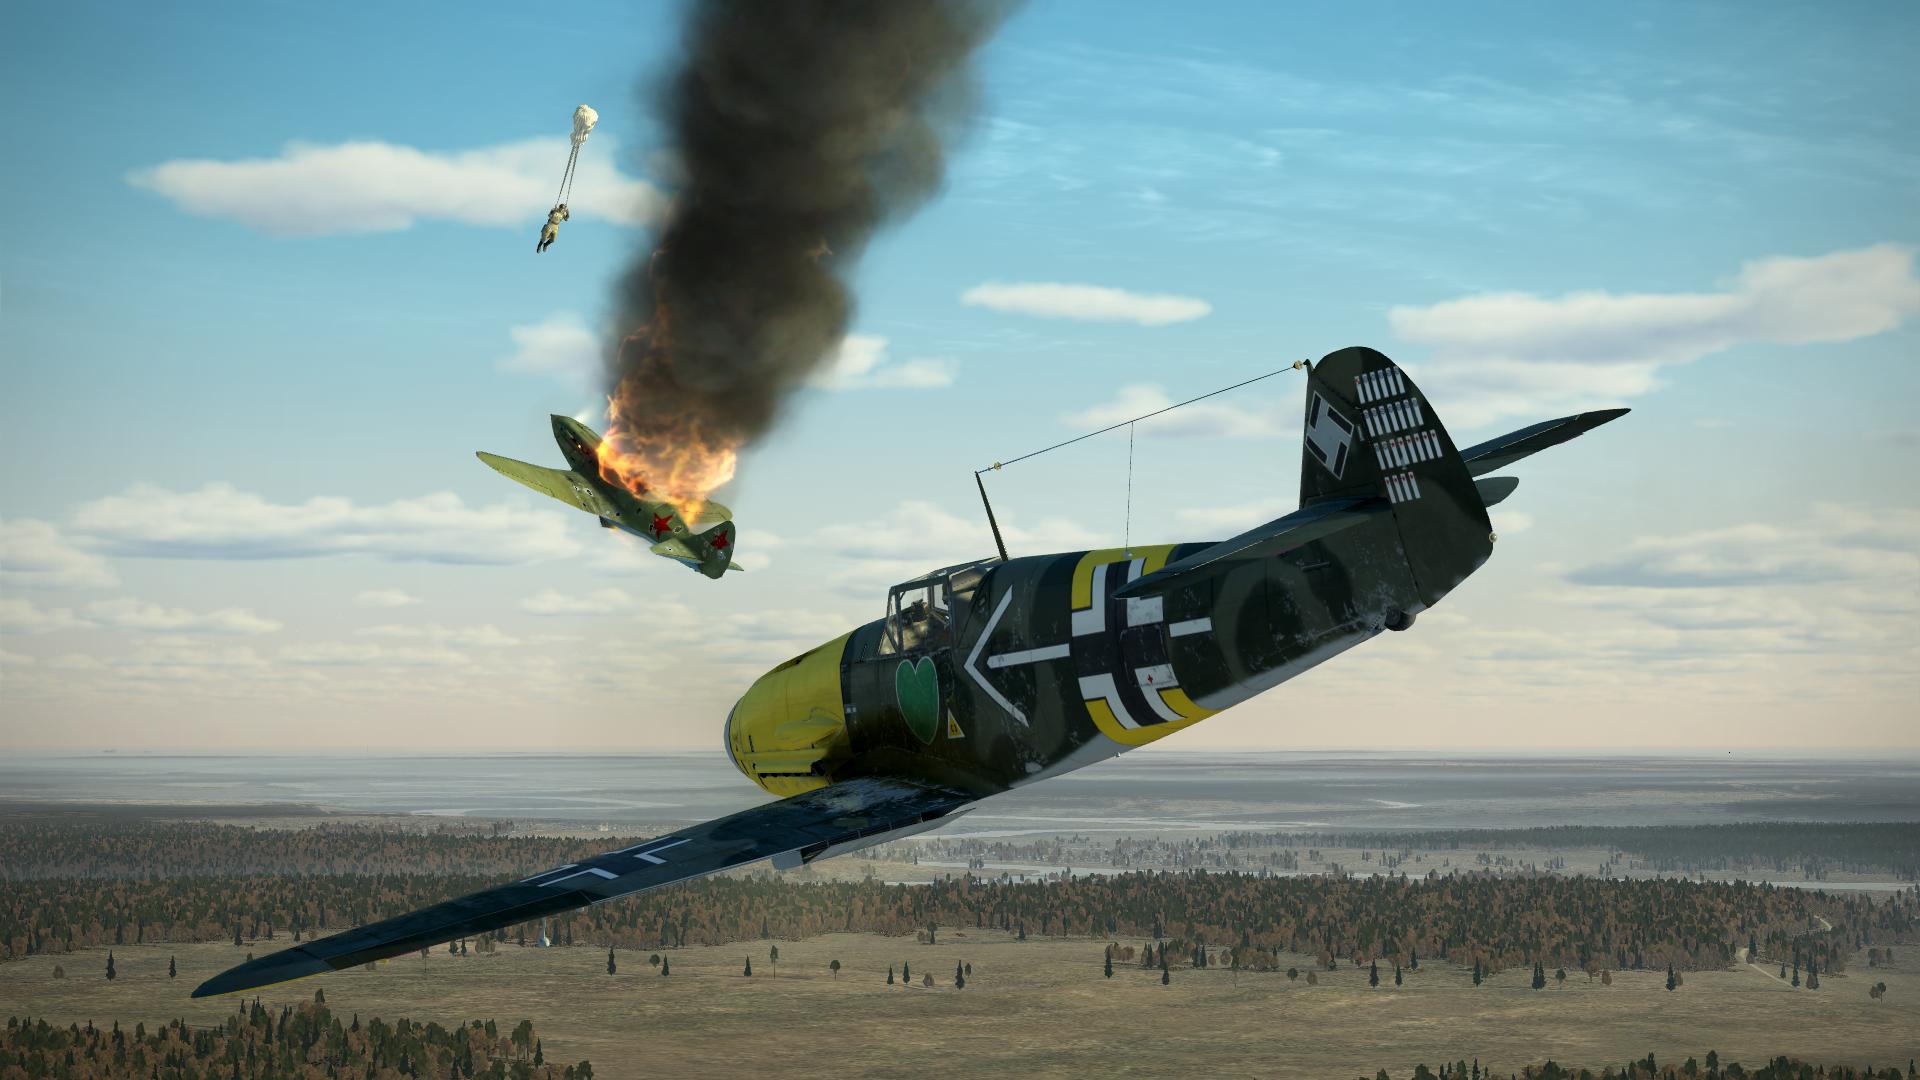 IL-2 Sturmovik Battle of Stalingrad Screenshot 2020.05.19 - 16.31.58.08.png